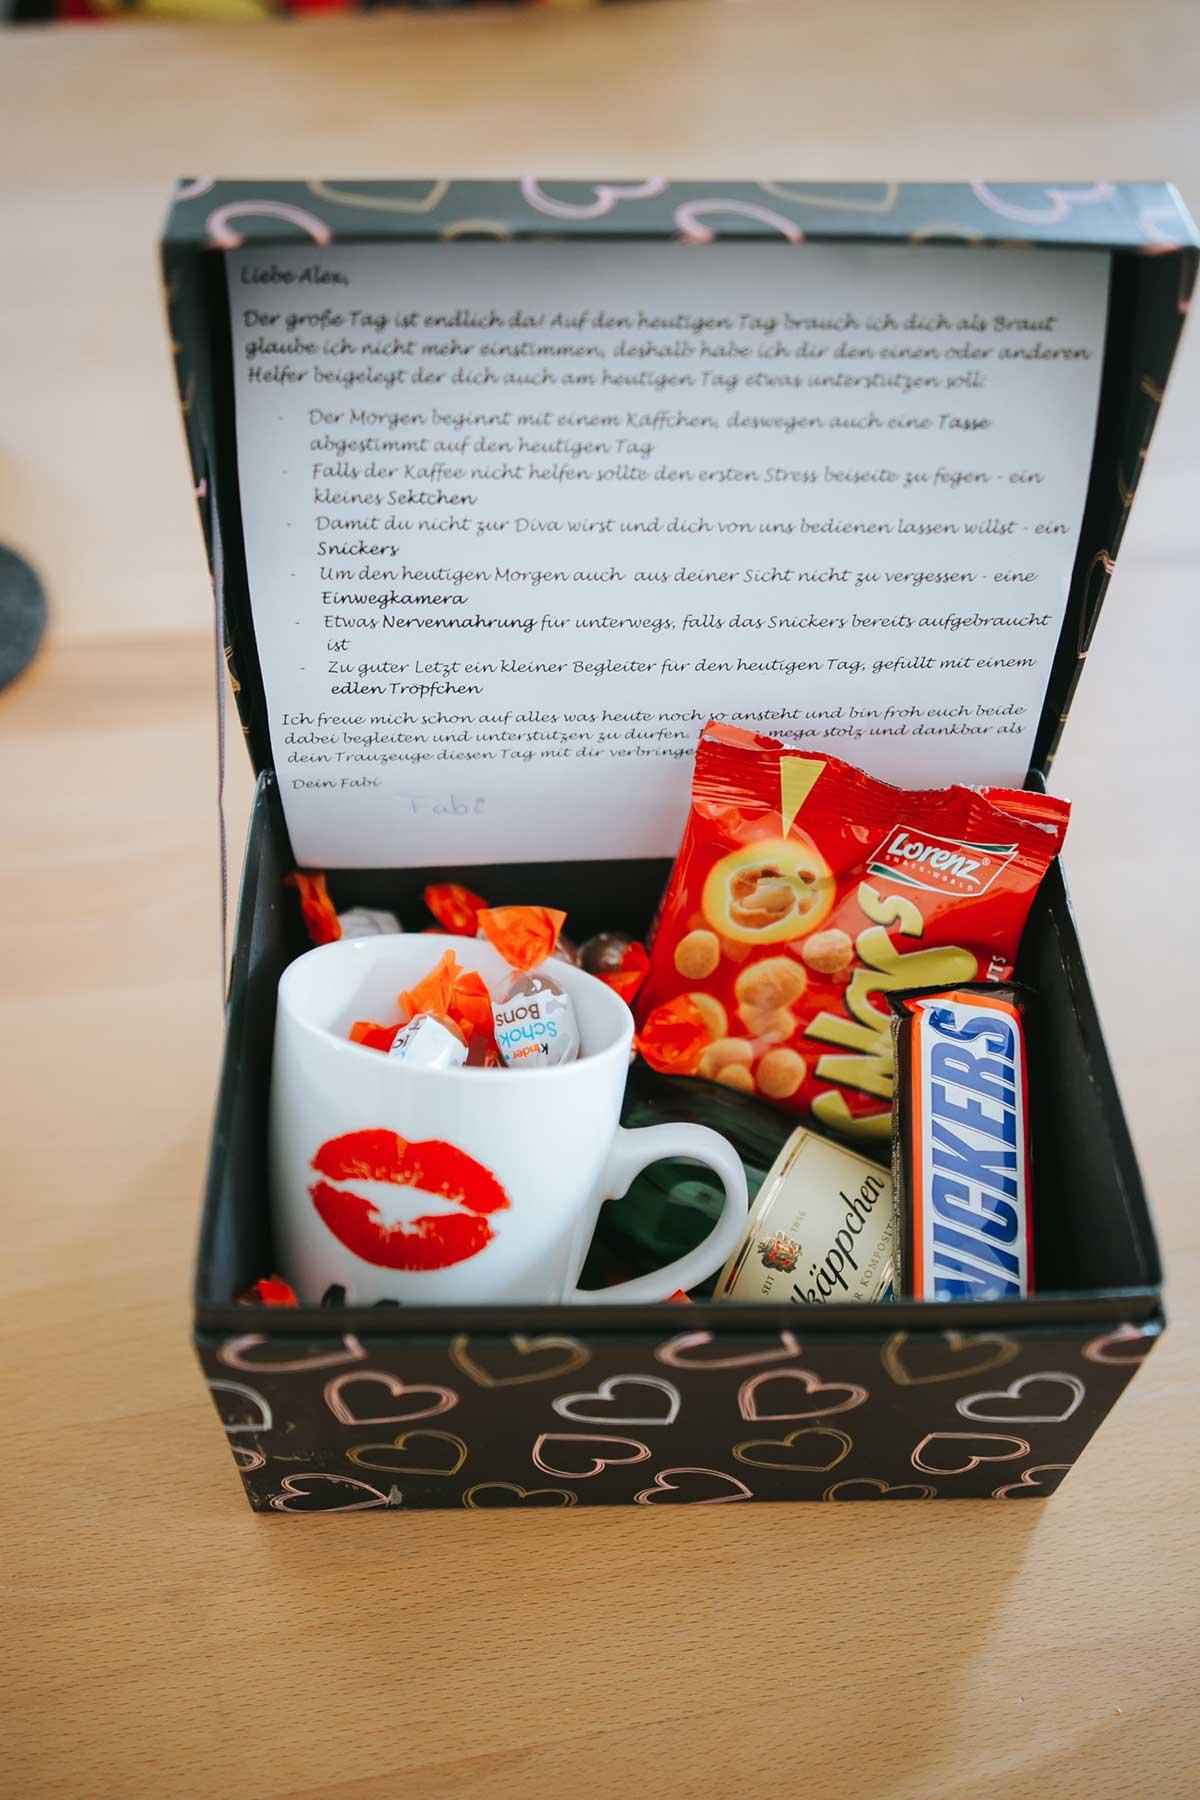 Notfallbox für den Bräutigam als Geschenk